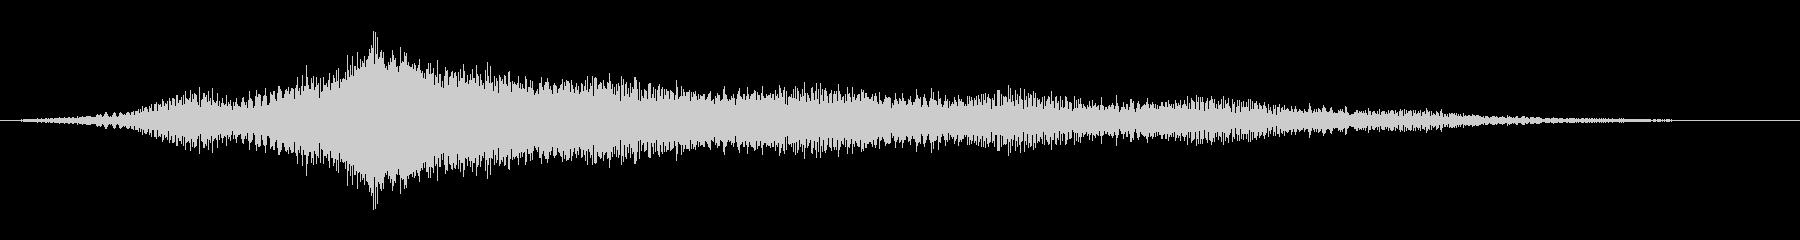 キーン:オープニングロゴなどの締めの音2の未再生の波形